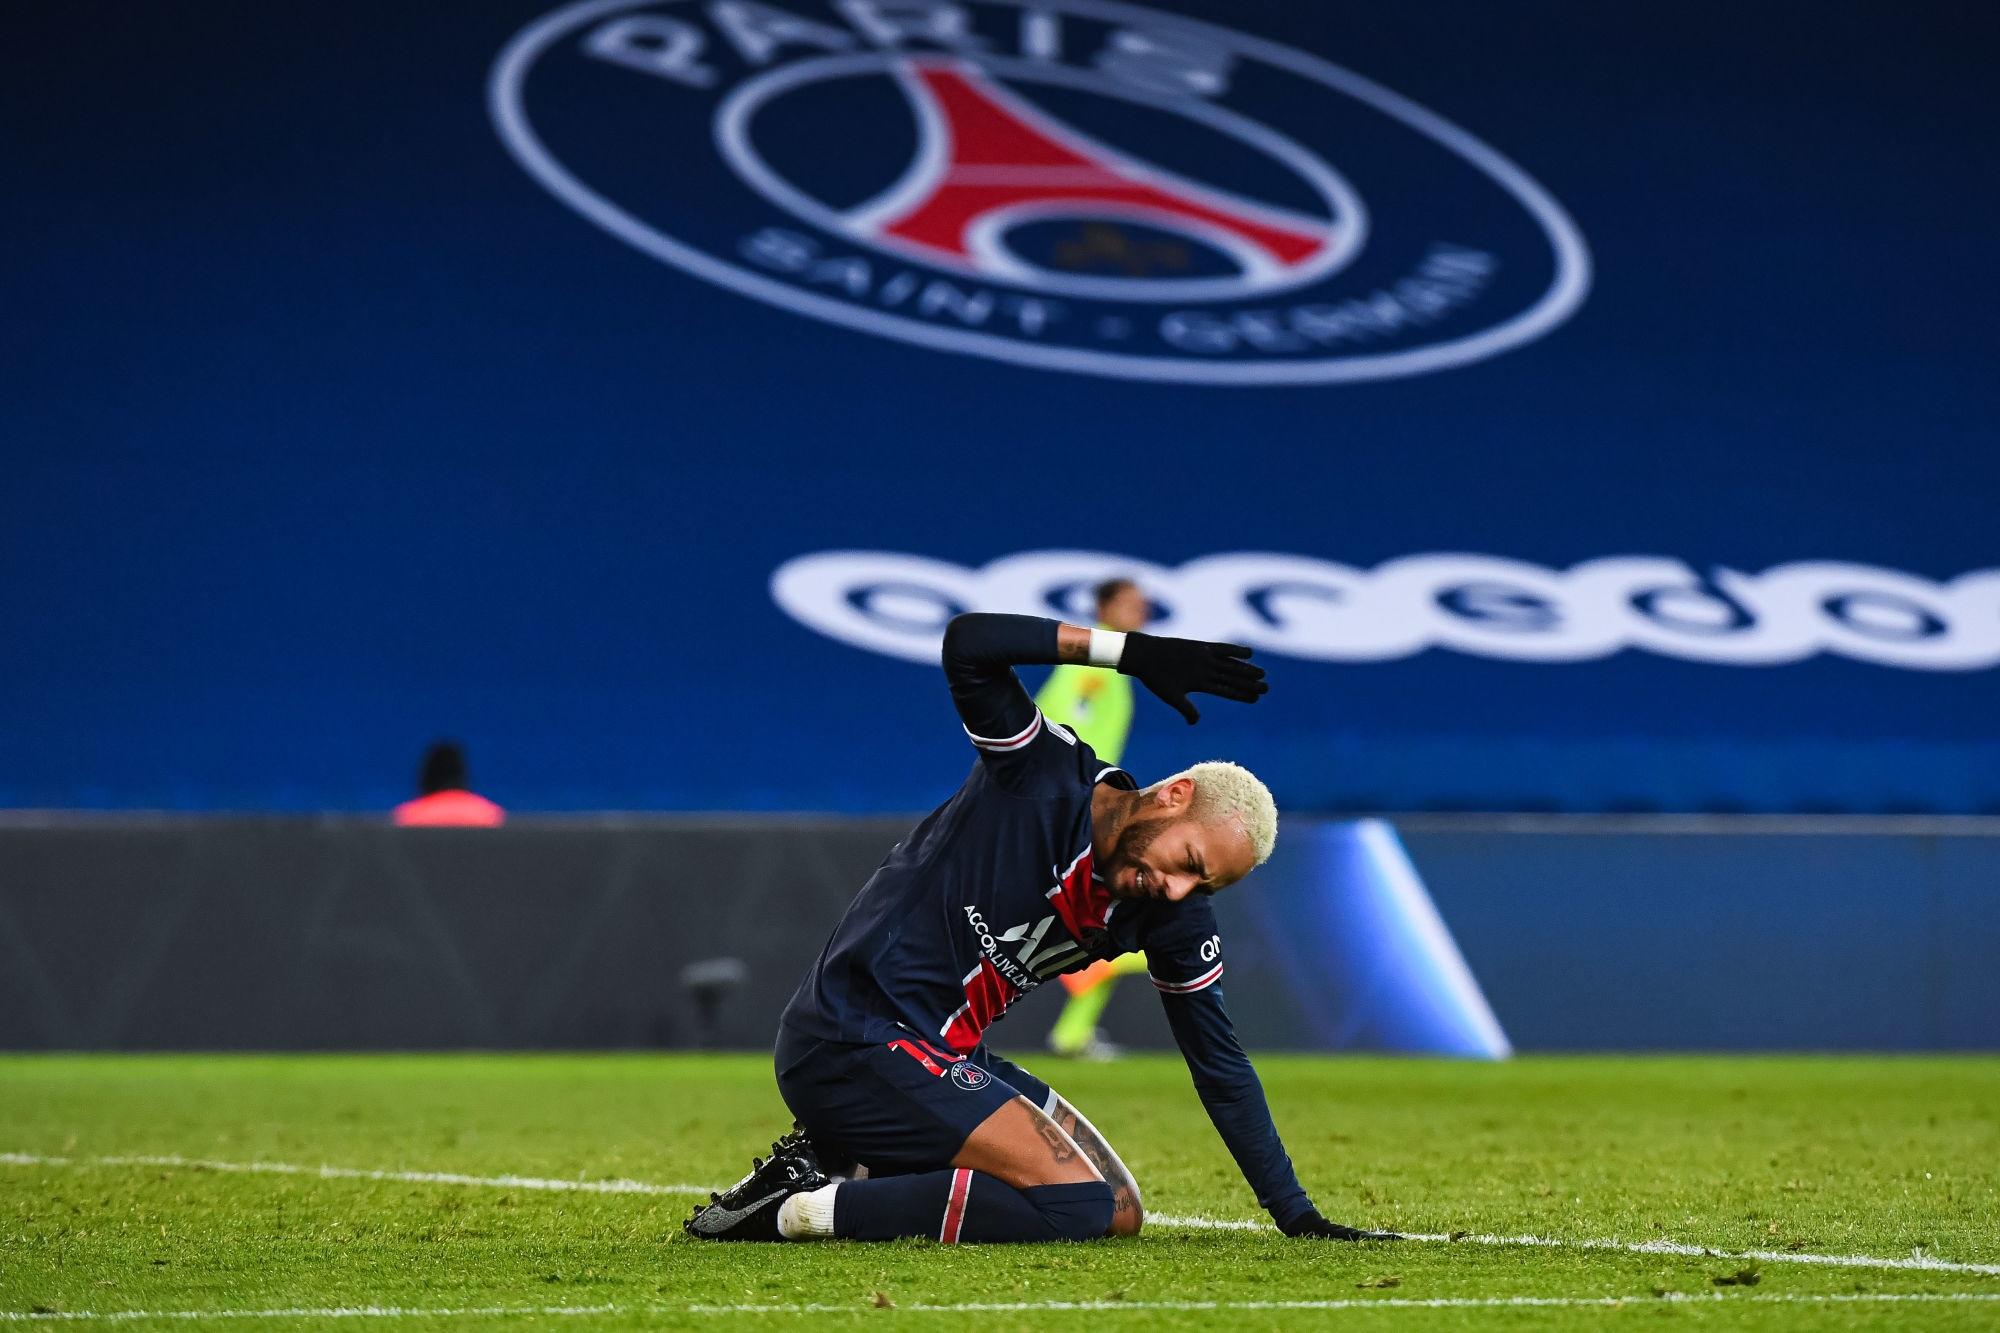 PSG/Bordeaux - Les notes des Parisiens : après le match nul qui inquiète